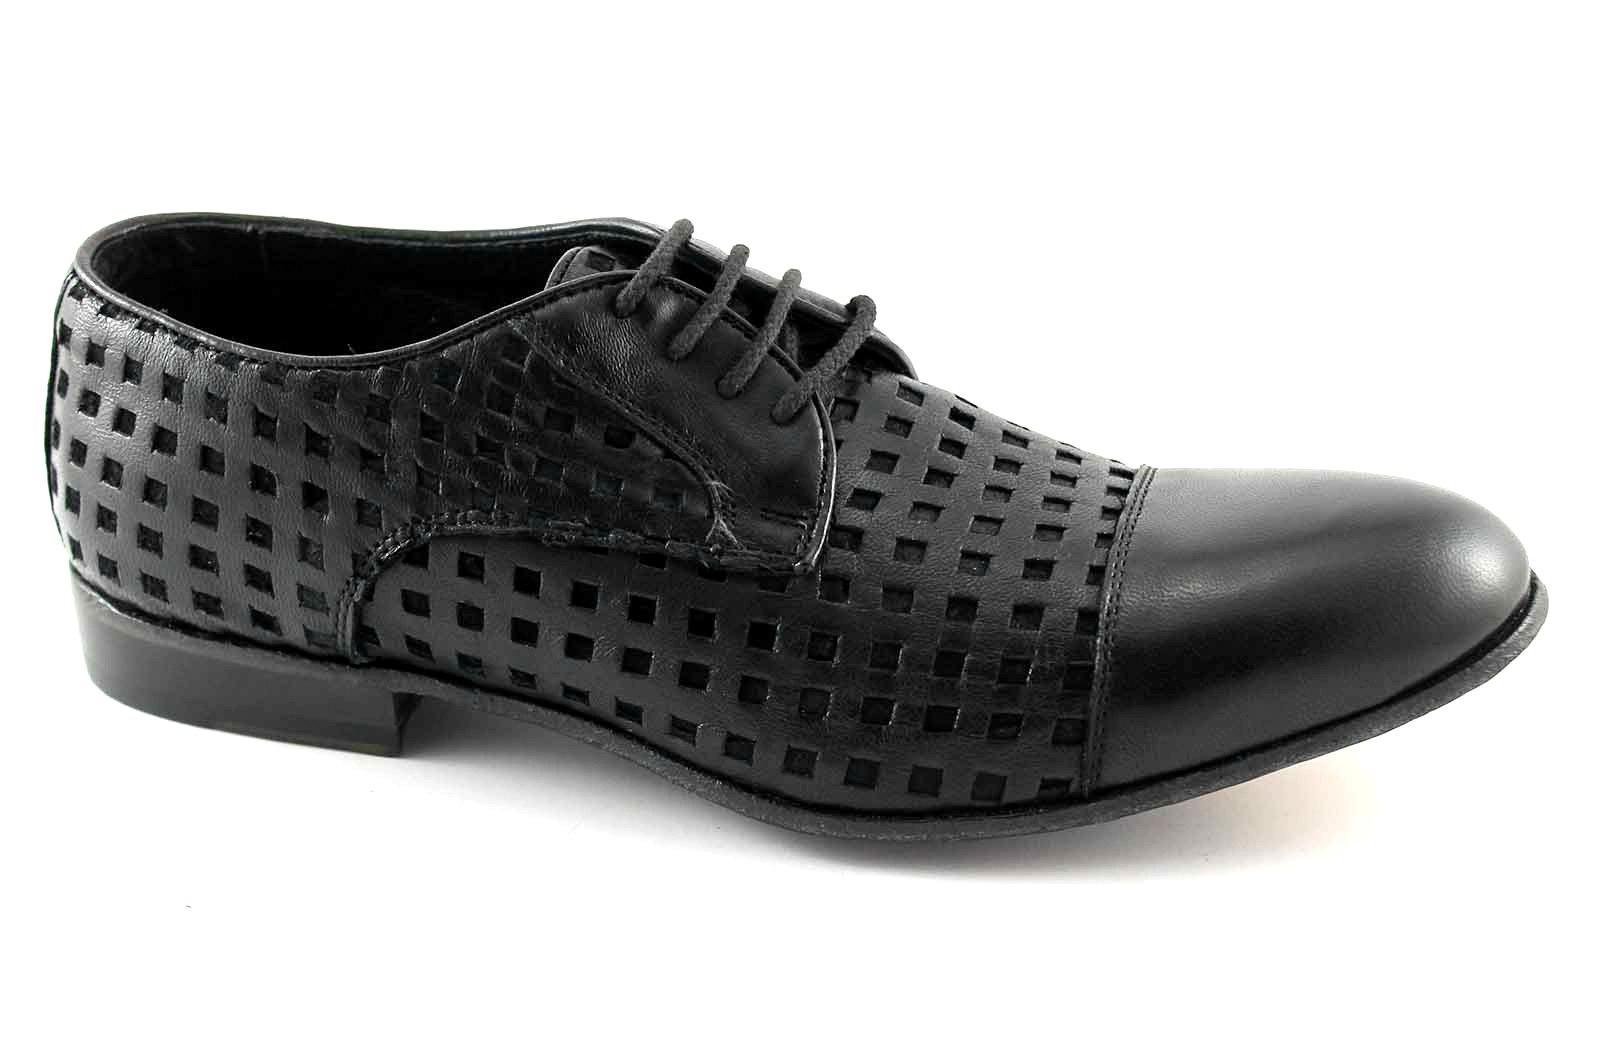 J.P. uomo DAVID 34337-3 nero scarpe uomo J.P. cerimonia derby puntale pelle made italy 967032